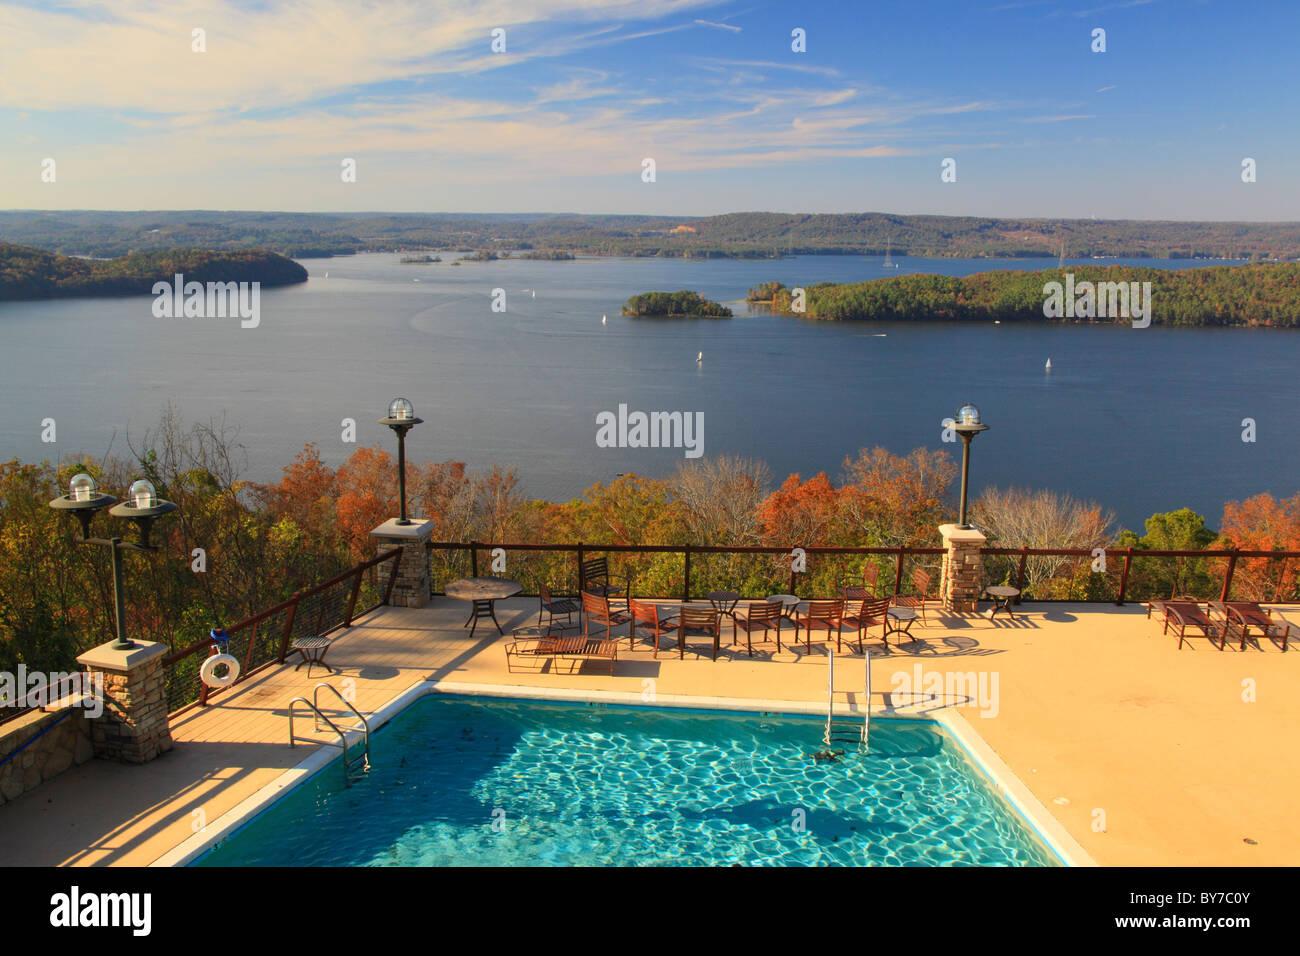 Swimming Pool At Lodge Lake Guntersville Resort State Park Stock Photo Royalty Free Image